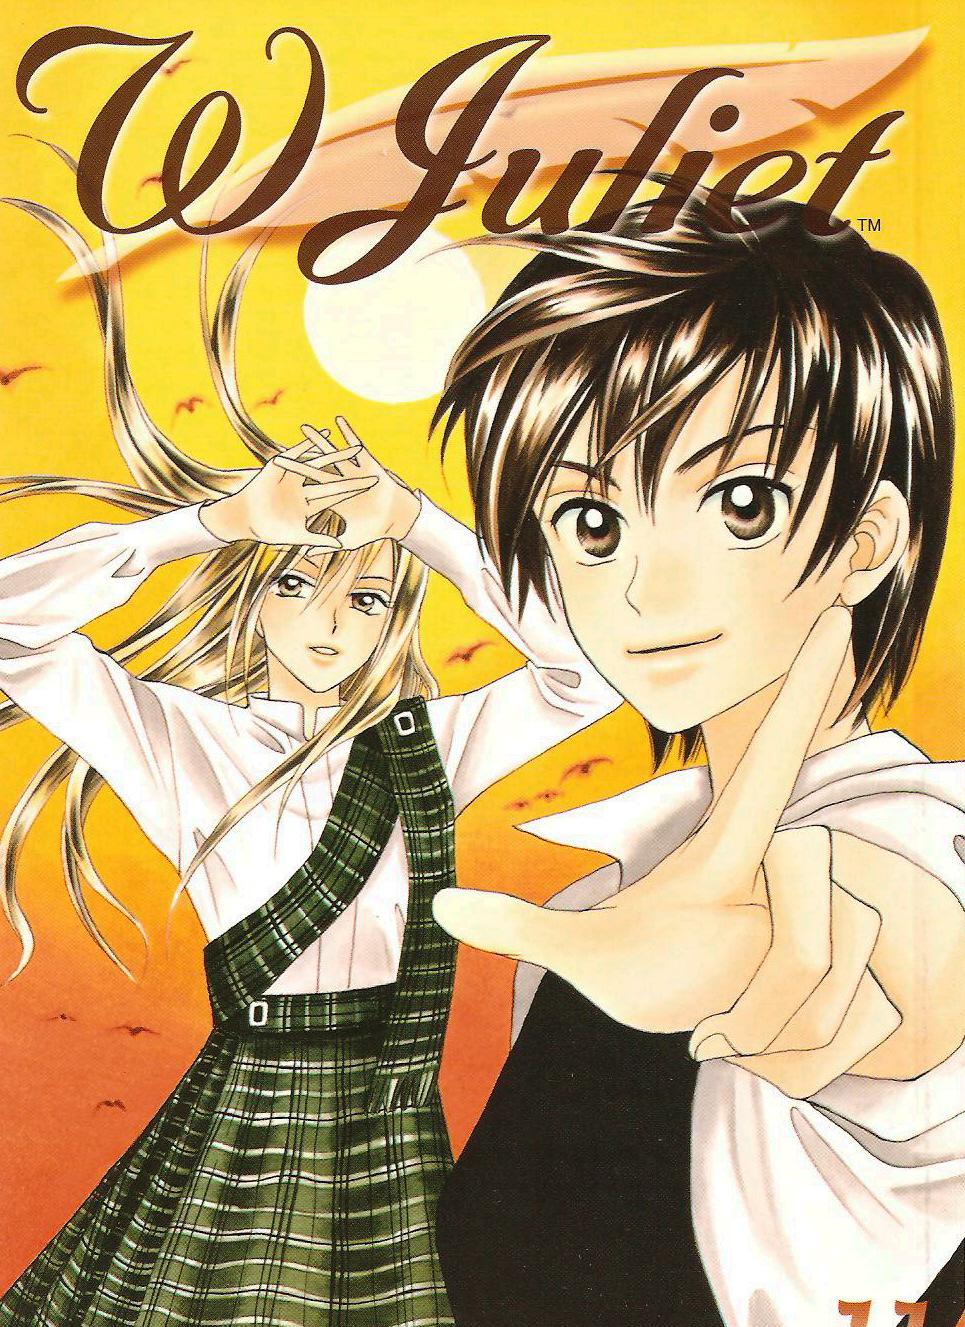 anime dengan genre shoujo romance adalah yang lebih ditujukan untuk para perempuan remaja menyukai kisah cerita romantis.html